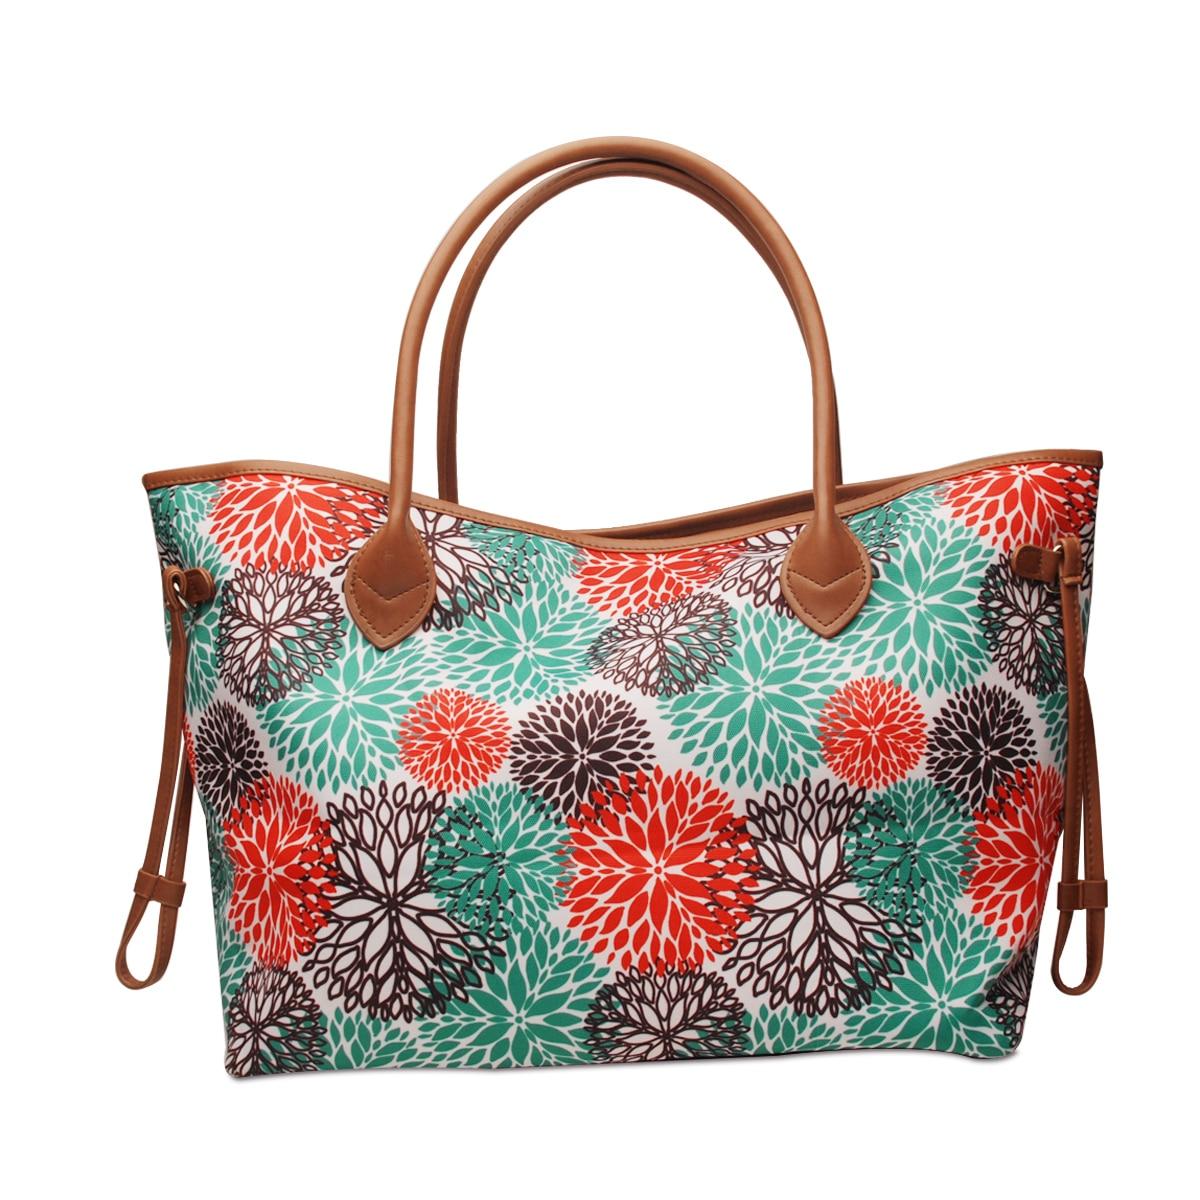 Alex в прибрежных районах синяя сумка таможня напечатала уик-энд Сумка-тоут сумка кошелек для Для женщин летом DOM1071851